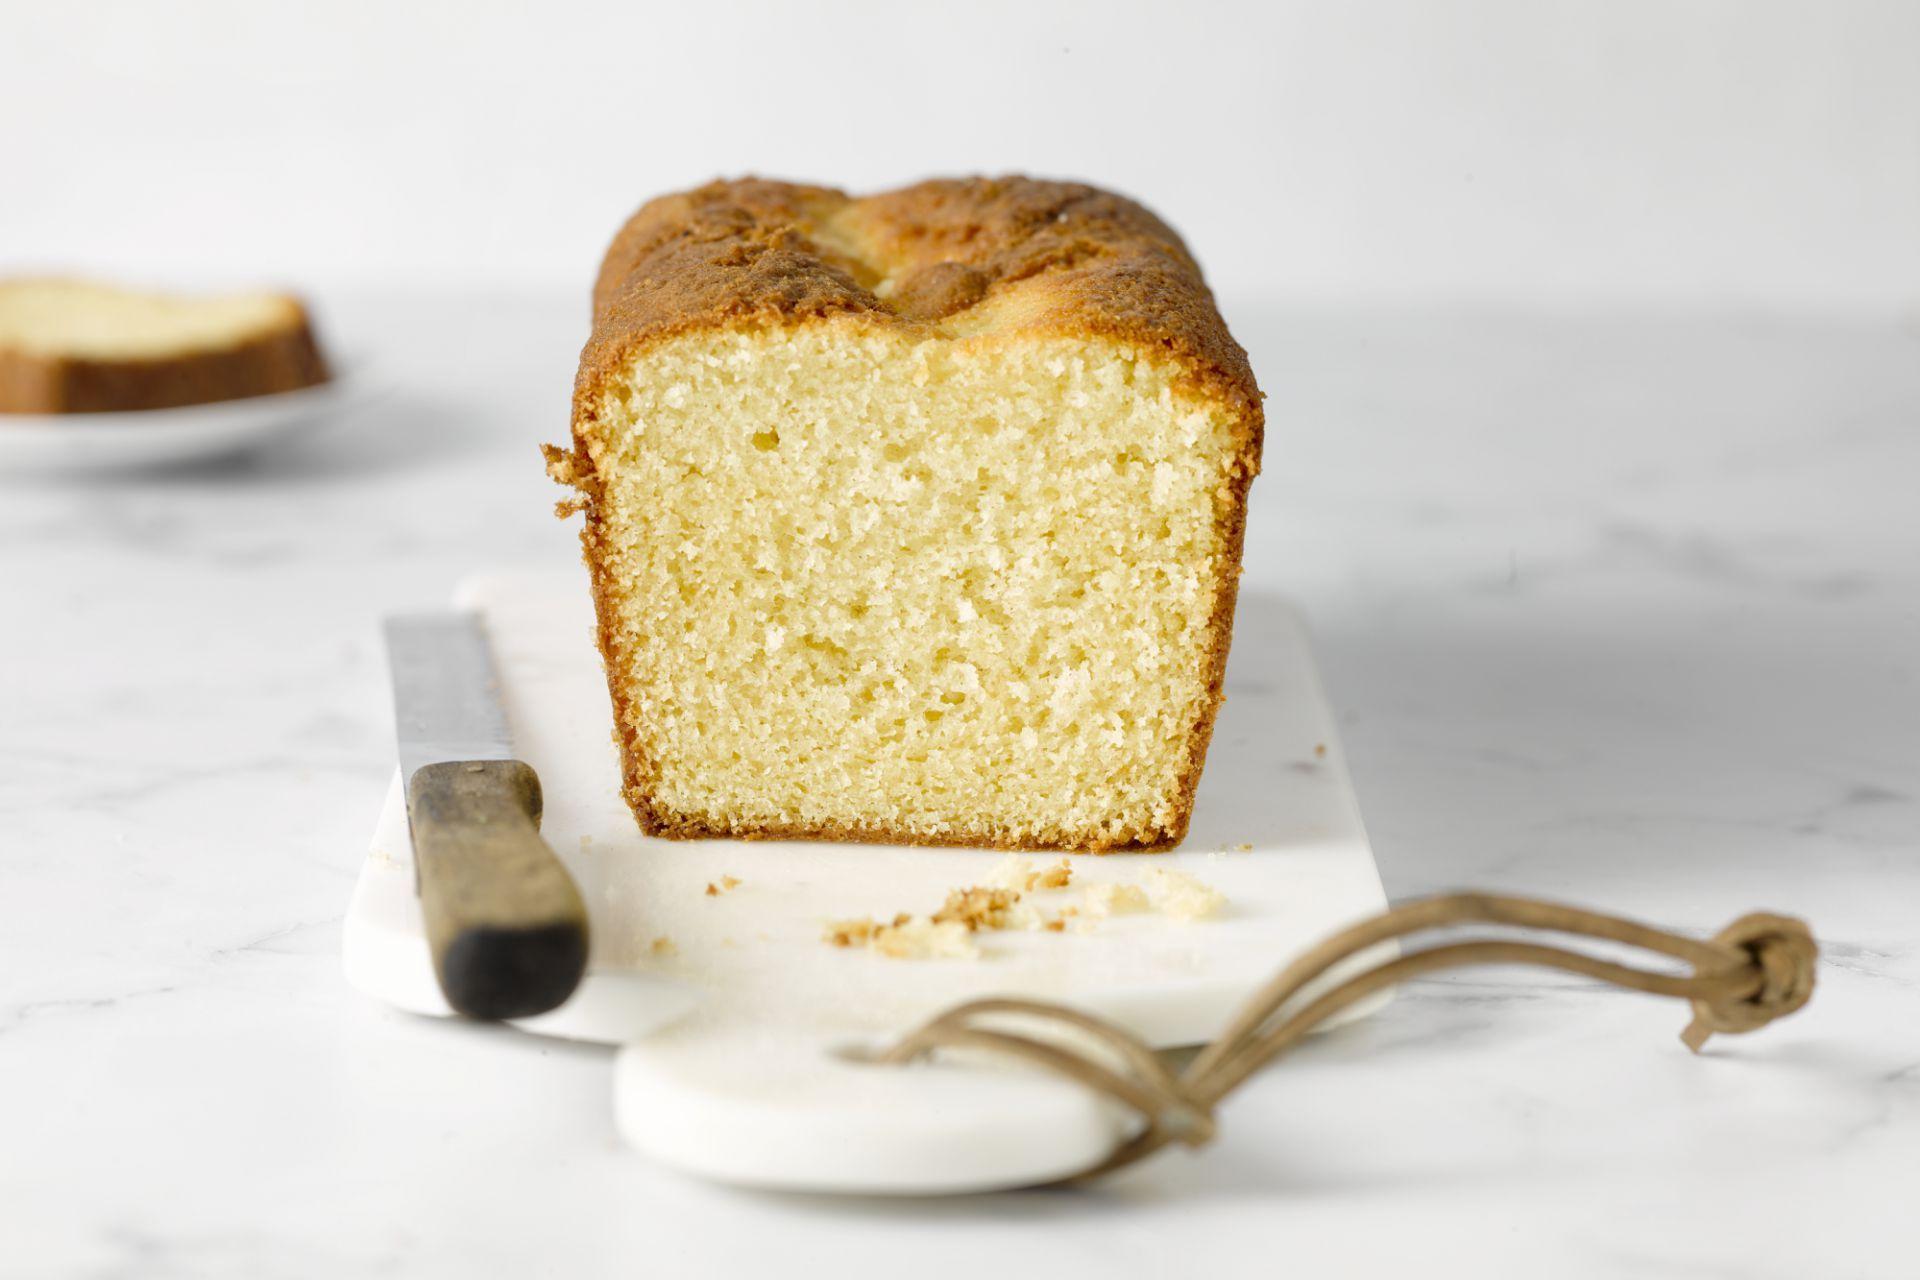 Deze 1-2-3-4 cake is de Amerikaanse versie van de quatre quart, gebaseerd op cups. De cupmaten zijn voor deze versie omgerekend. Eenvoudig en lekker!